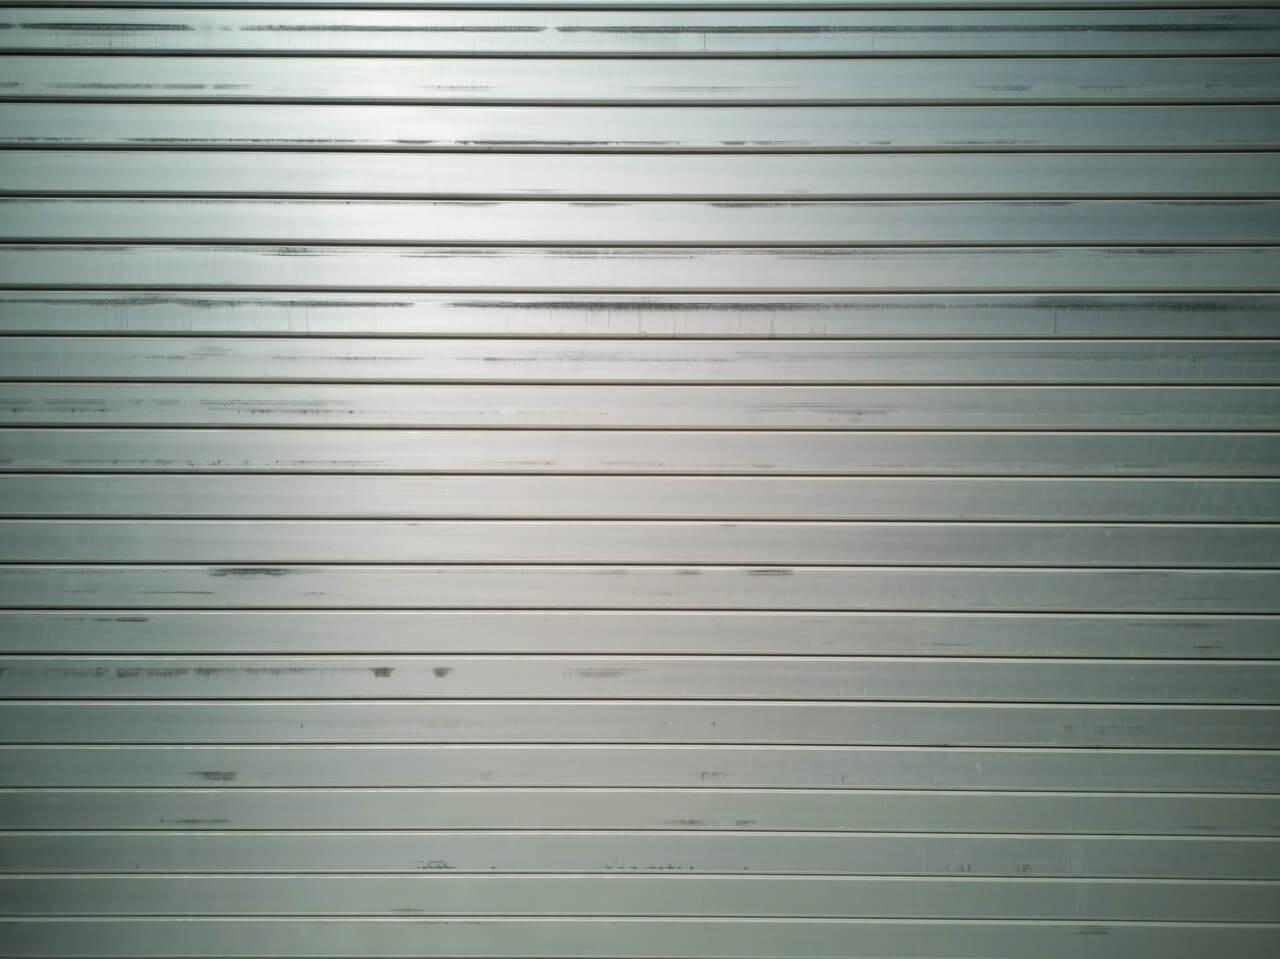 Aluminum Detailed